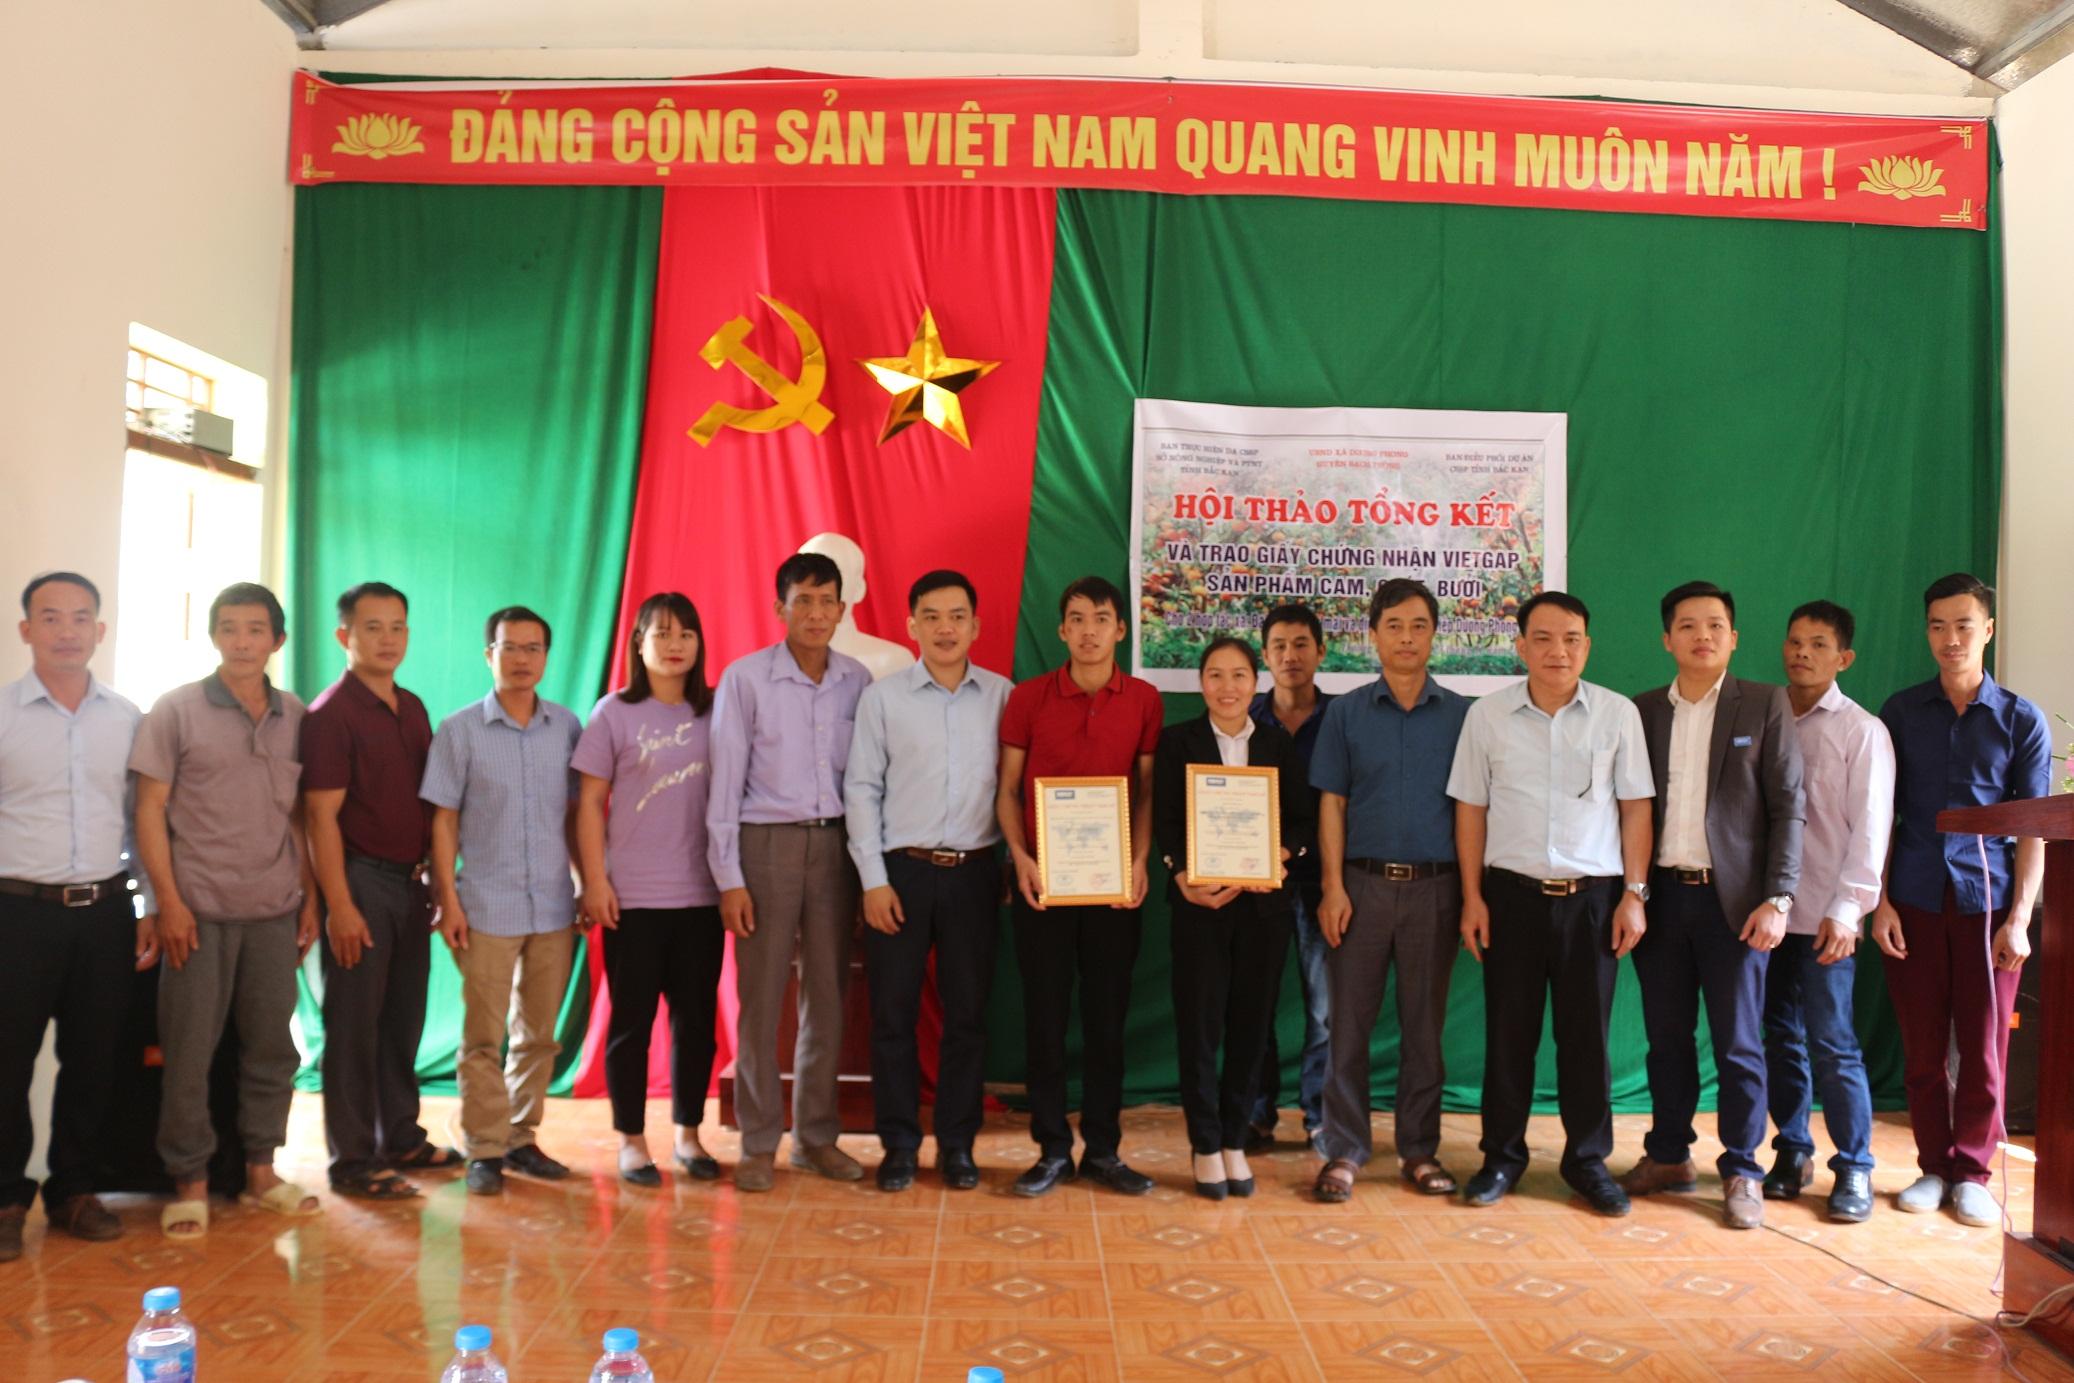 Hai Hợp tác xã của huyện Bạch Thông được chứng nhận sản phẩm cam, quýt, bưởi phù hợp tiêu chuẩn VietGAP